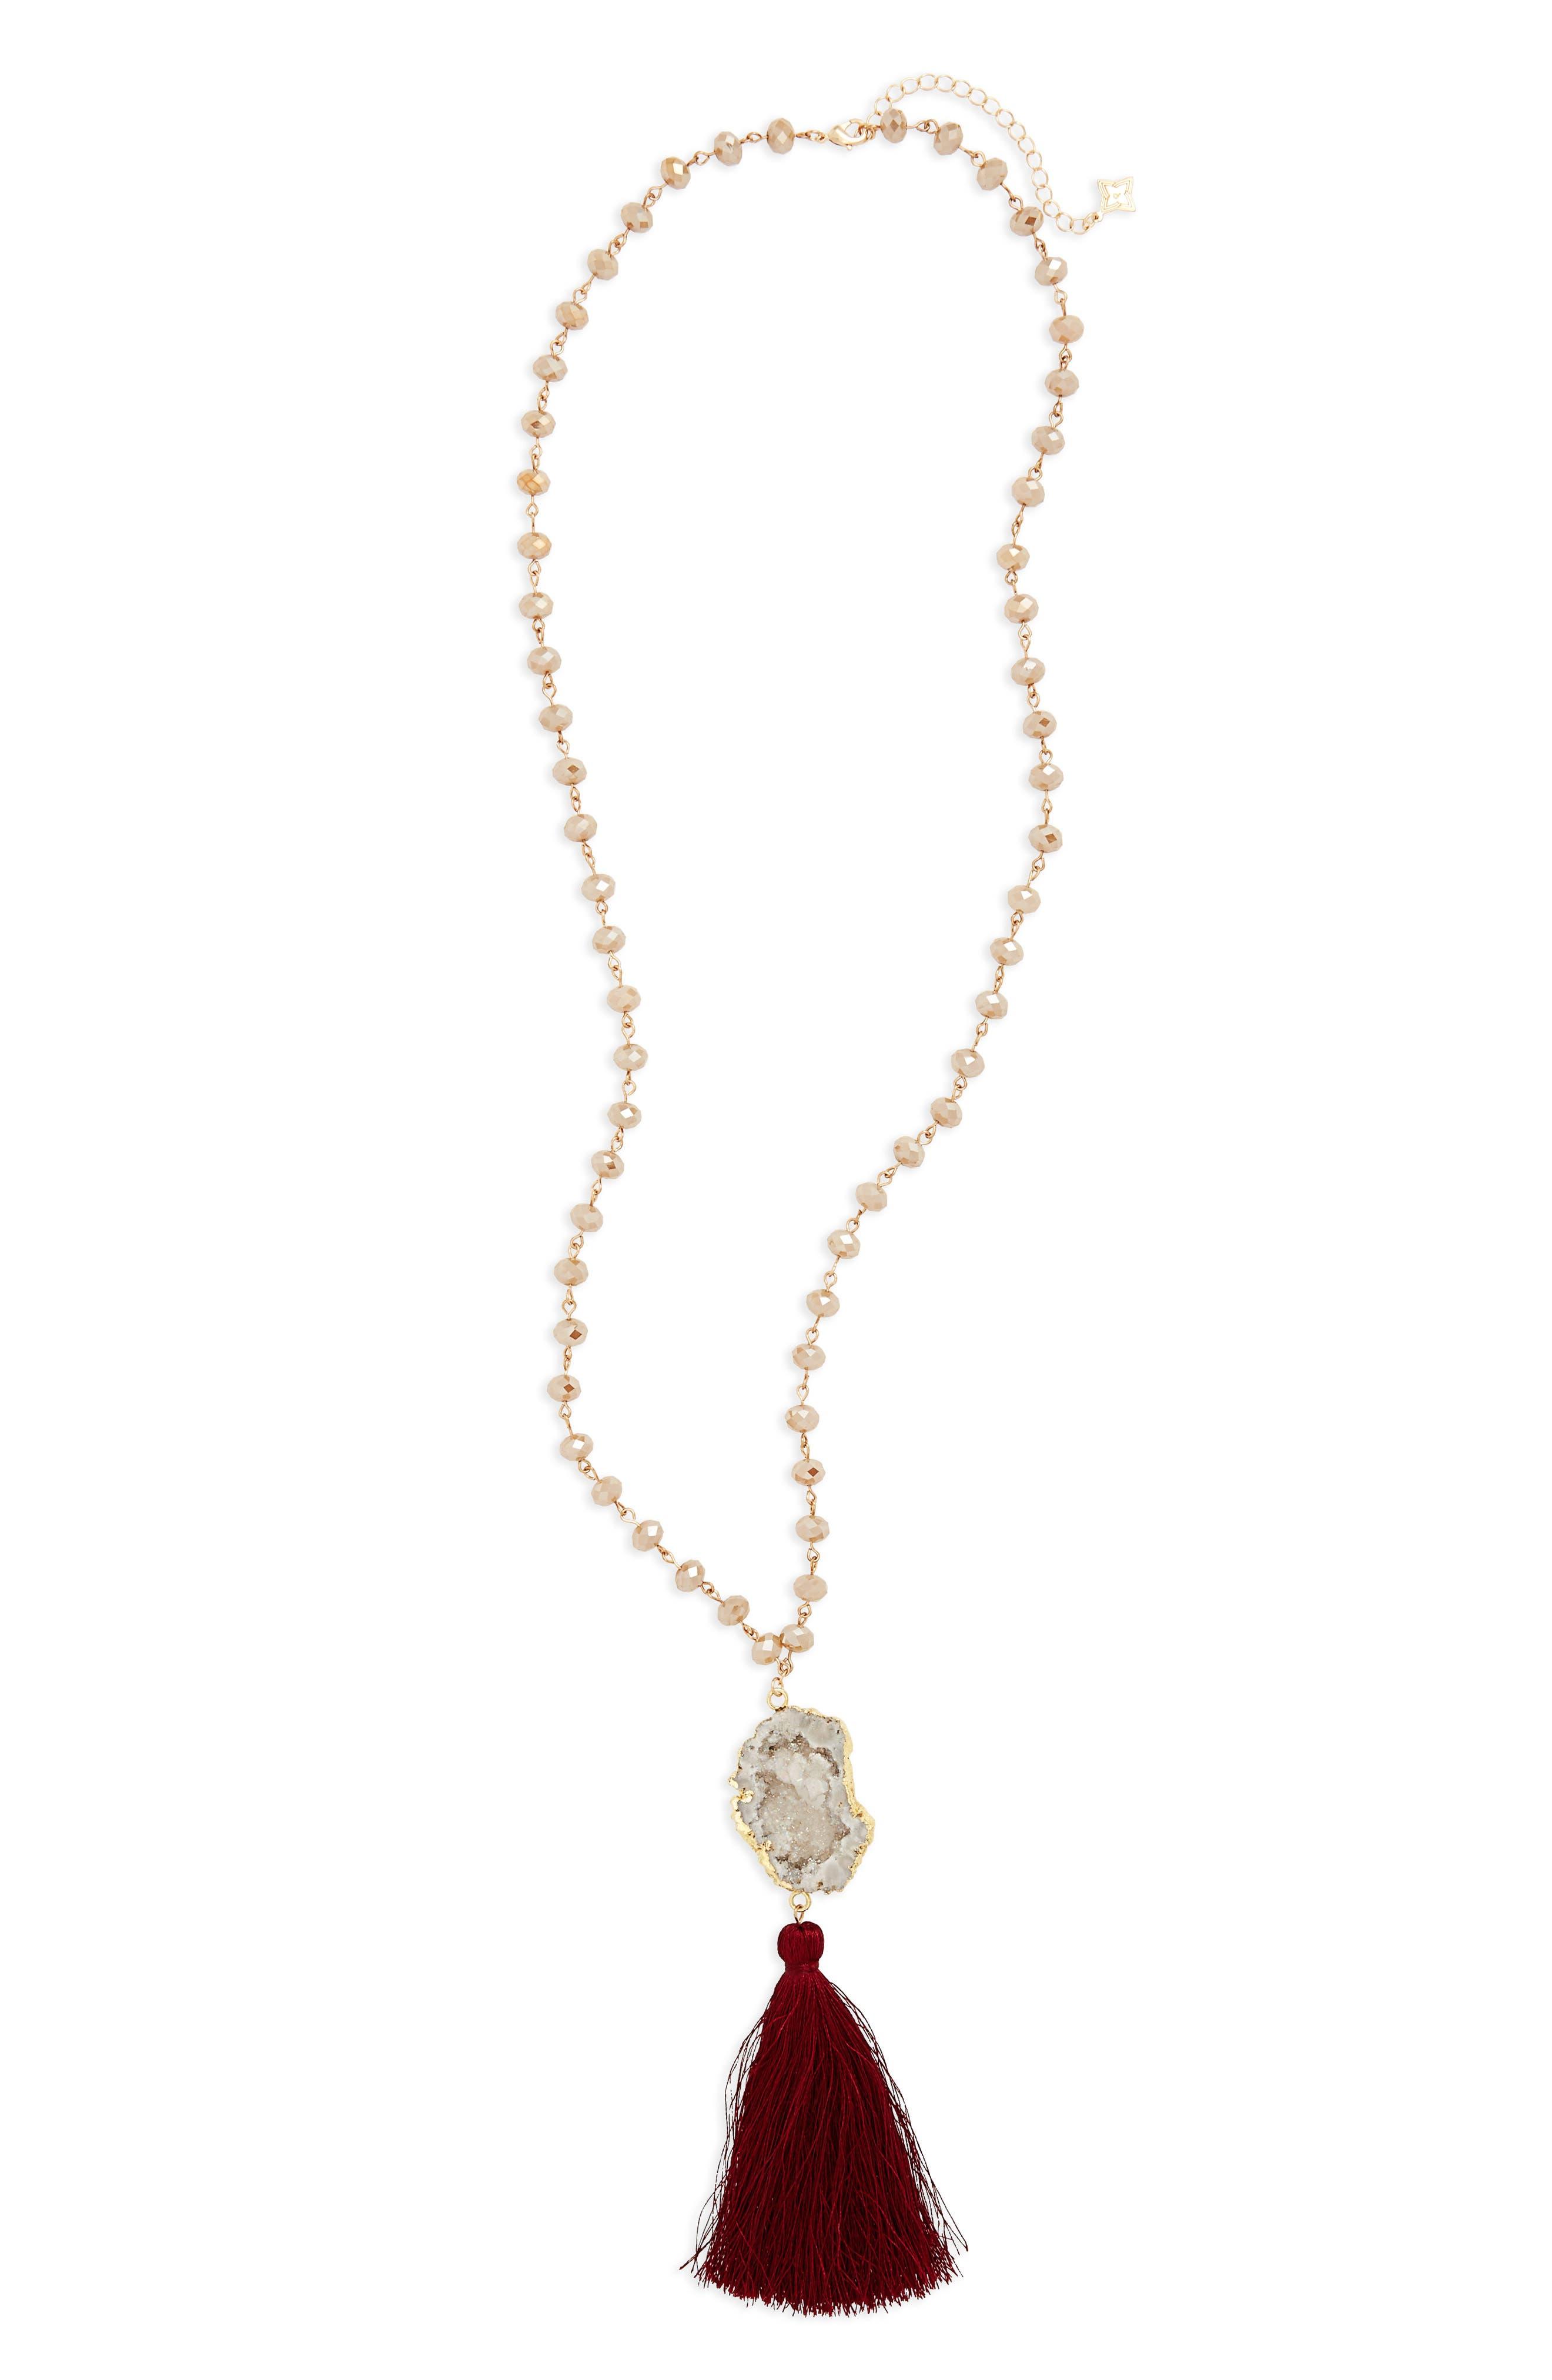 Quartz Pendant Necklace,                             Main thumbnail 1, color,                             Multi